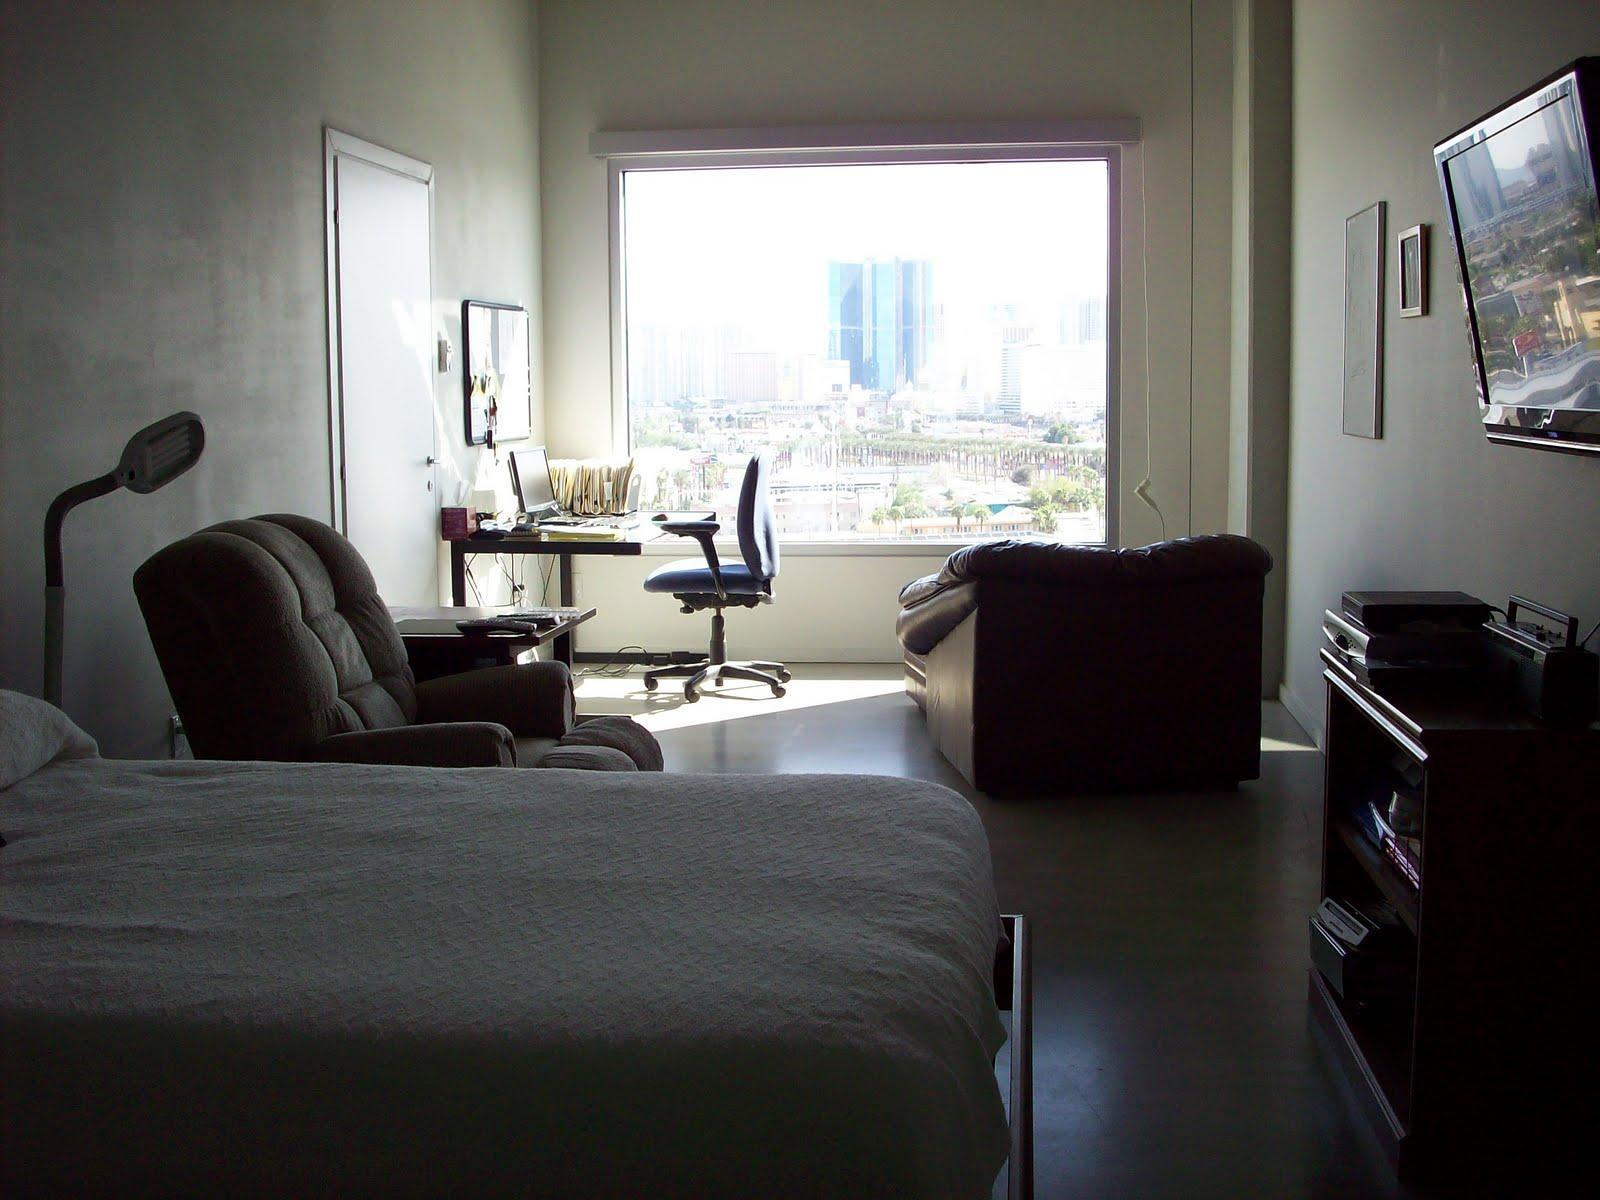 Las Vegas Condo 906 For Temp Swap Or Rent Master Bedroom 2